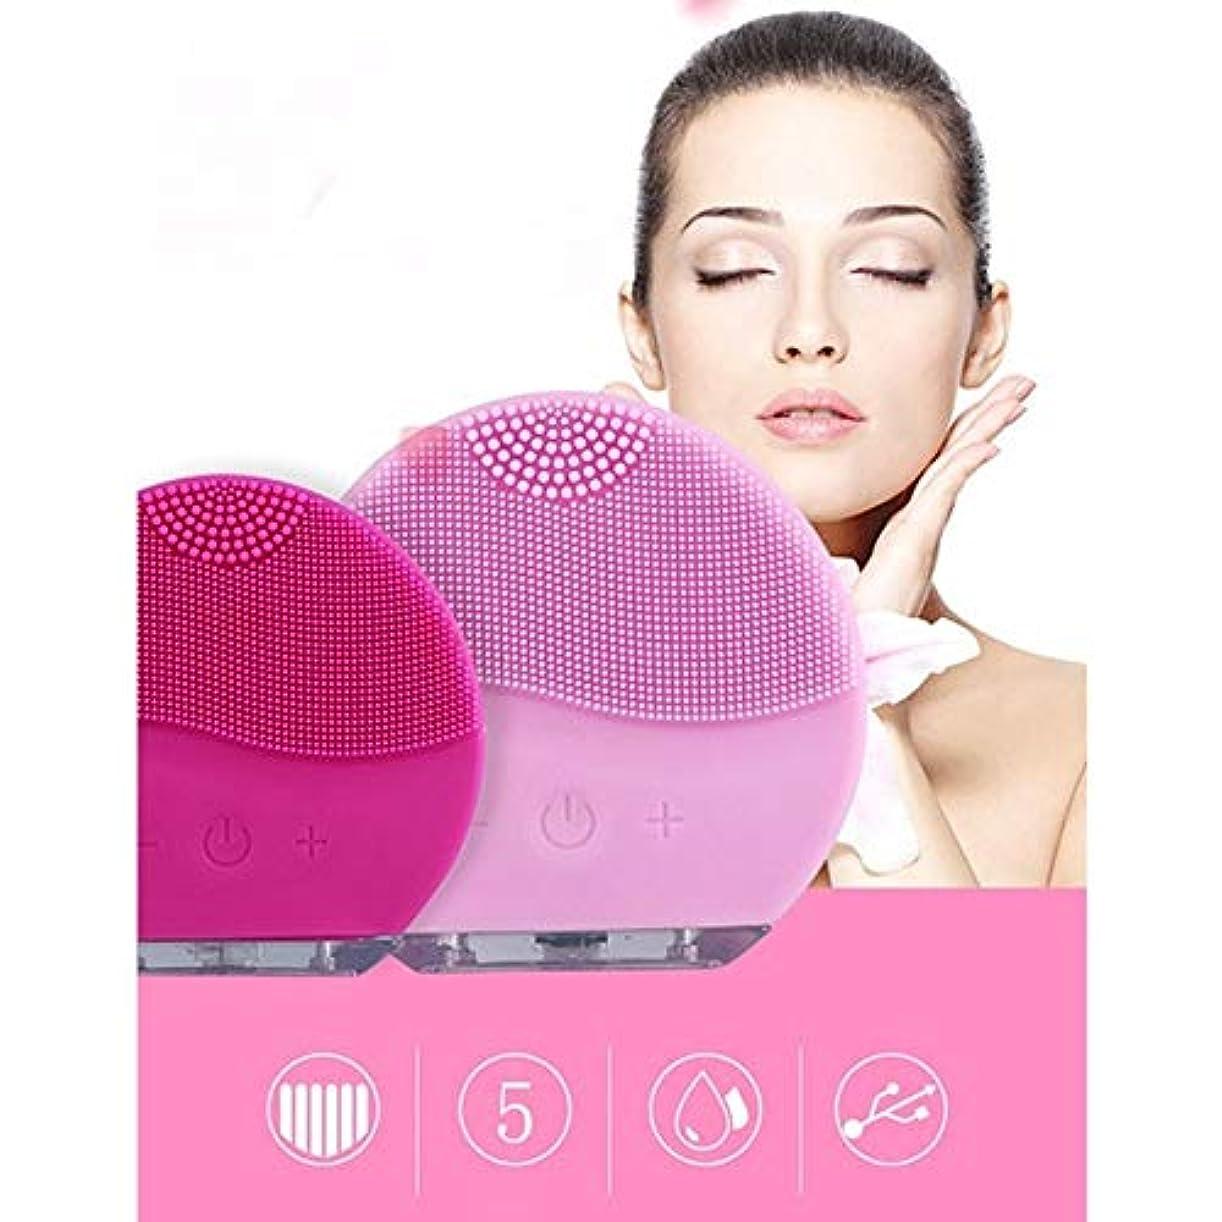 傷跡複合批判顔のクリーニングブラシの防水ケイ素の電気Masagerの清潔になるシステム (Color : Rose red)